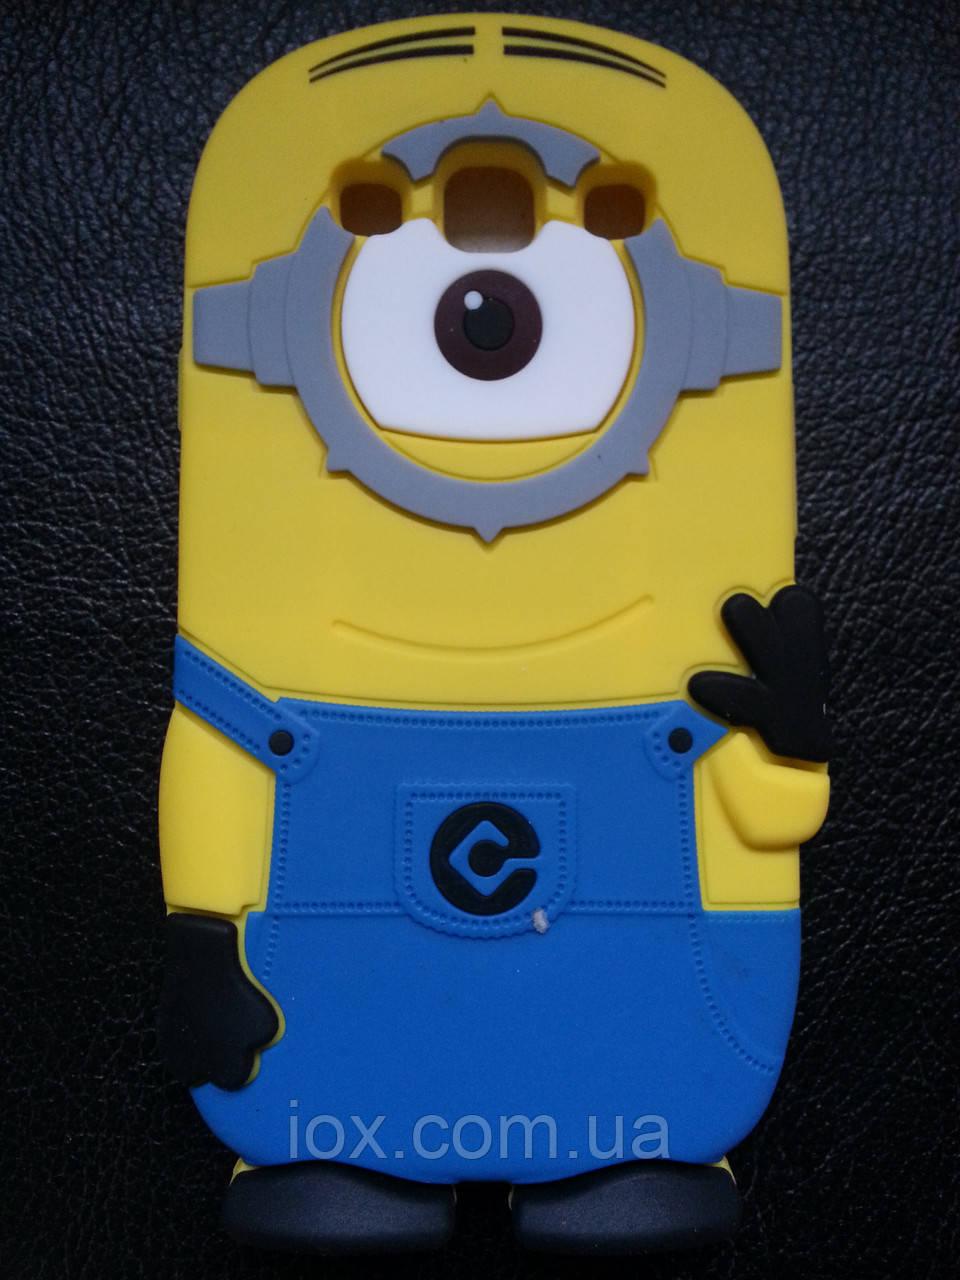 """Силиконовый чехол """"Миньон"""" на Samsung Galaxy S3 i9300 голубой комбенизон"""